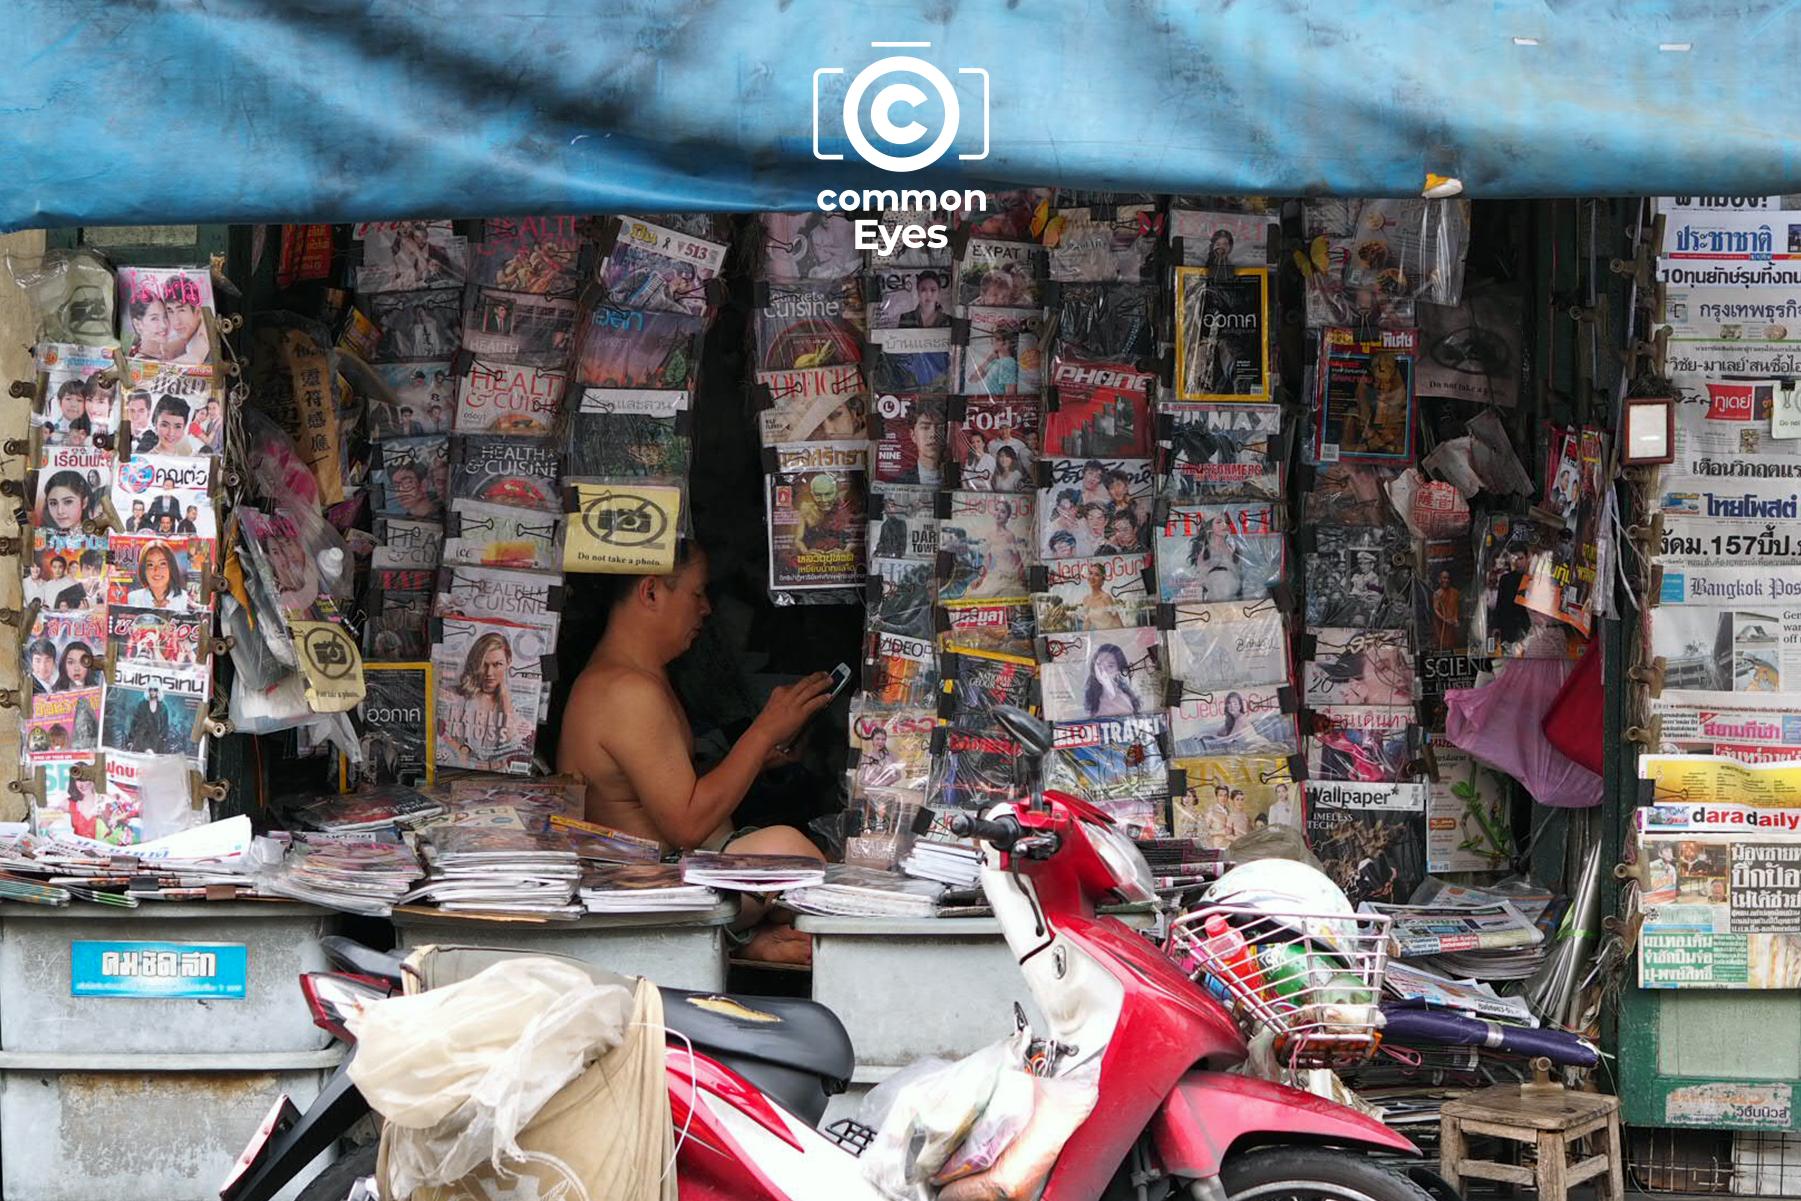 common EYES แผงหนังสือ สื่อสิ่งพิมพ์ แท็บเล็ต Digital Disruption วิกฤตสื่อ ปิดตัว นิตยสาร หนังสือพิมพ์ คนขายหนังสือ ถนนข้าวสาร